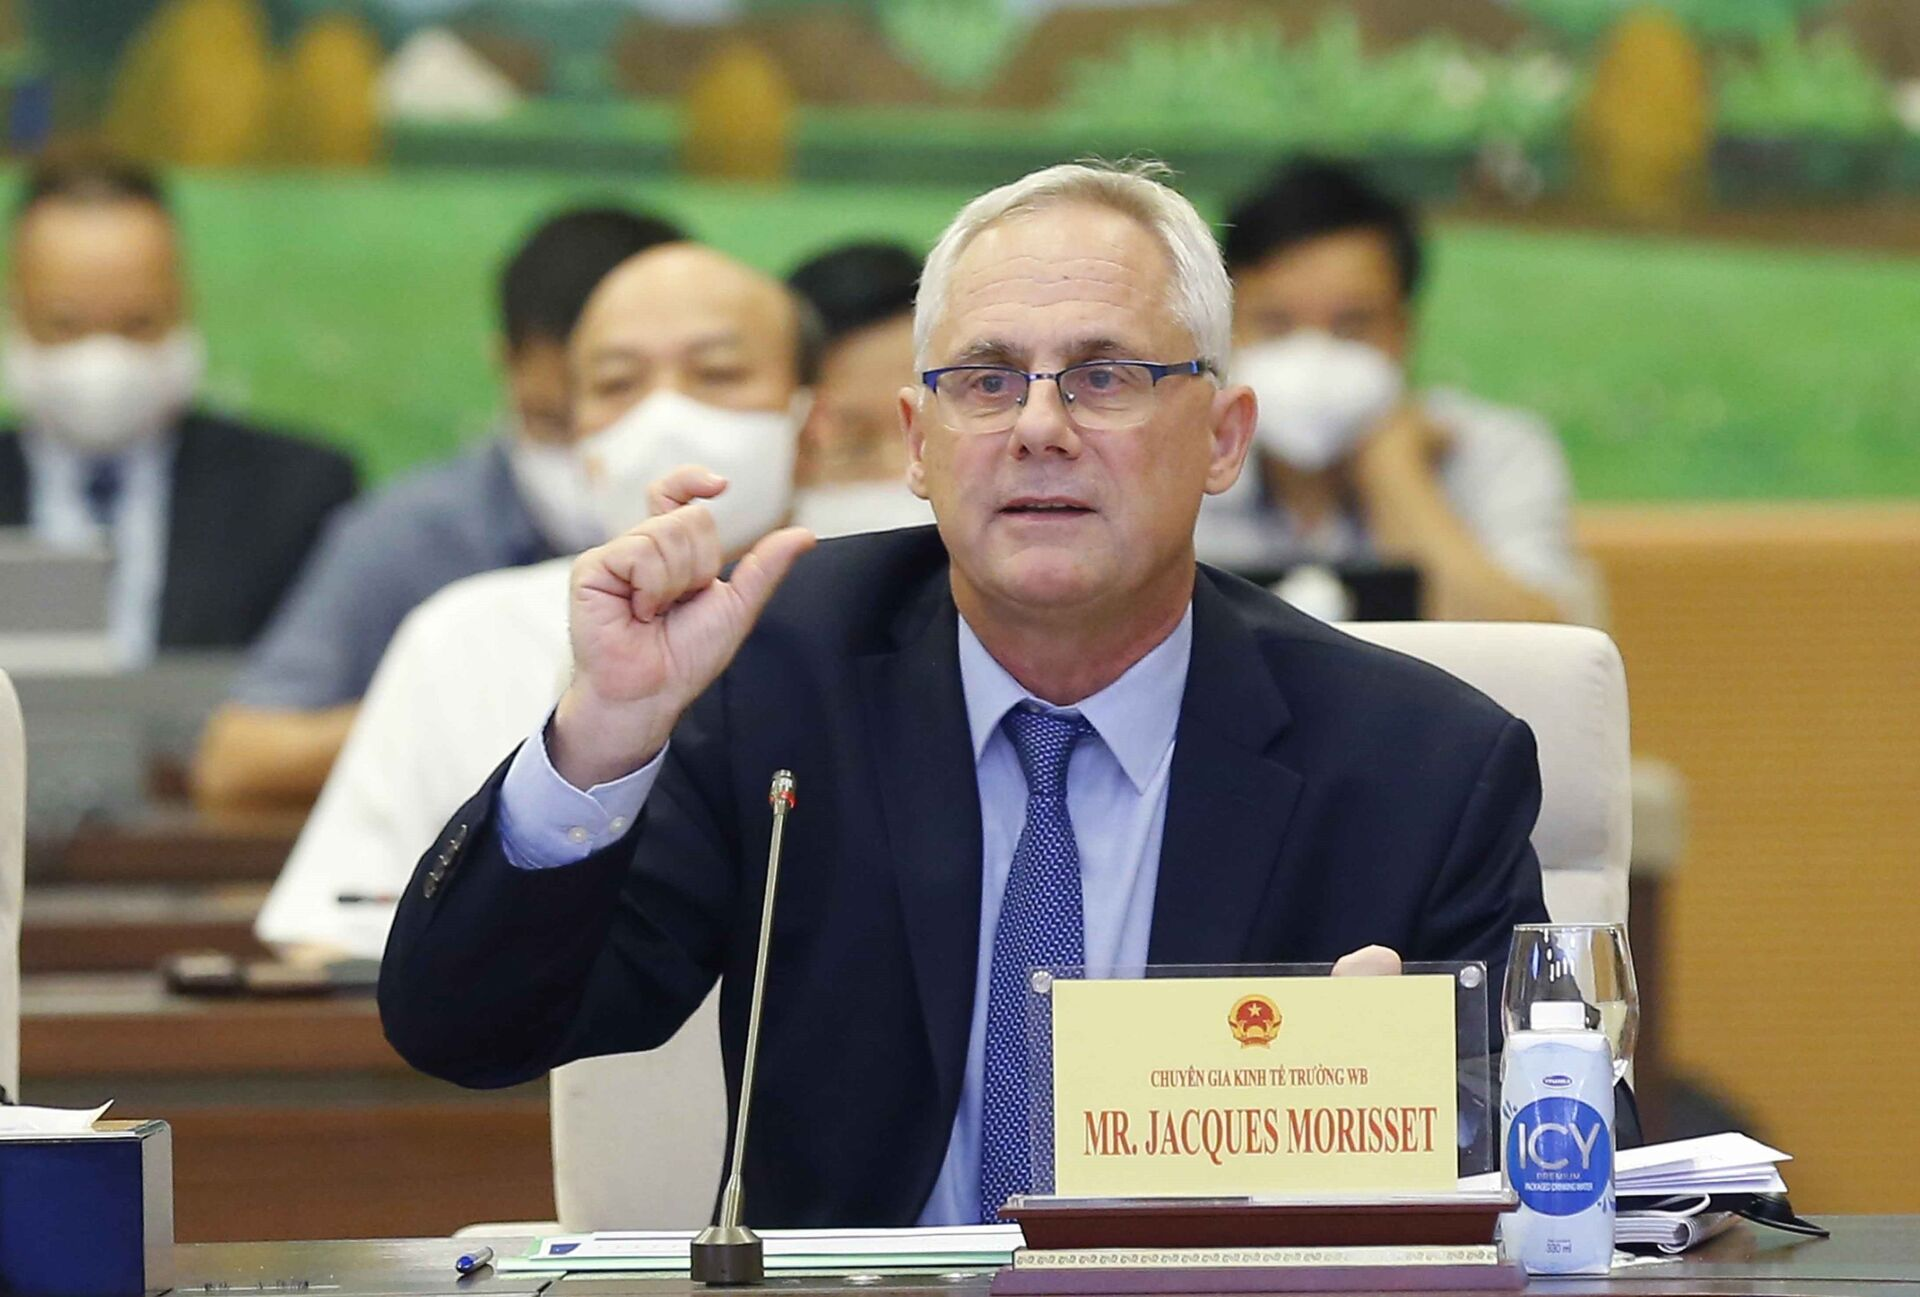 Ông Jacques Morisset, Chuyên gia Kinh tế trưởng của Ngân hàng Thế giới tại Việt Nam phát biểu. - Sputnik Việt Nam, 1920, 05.10.2021